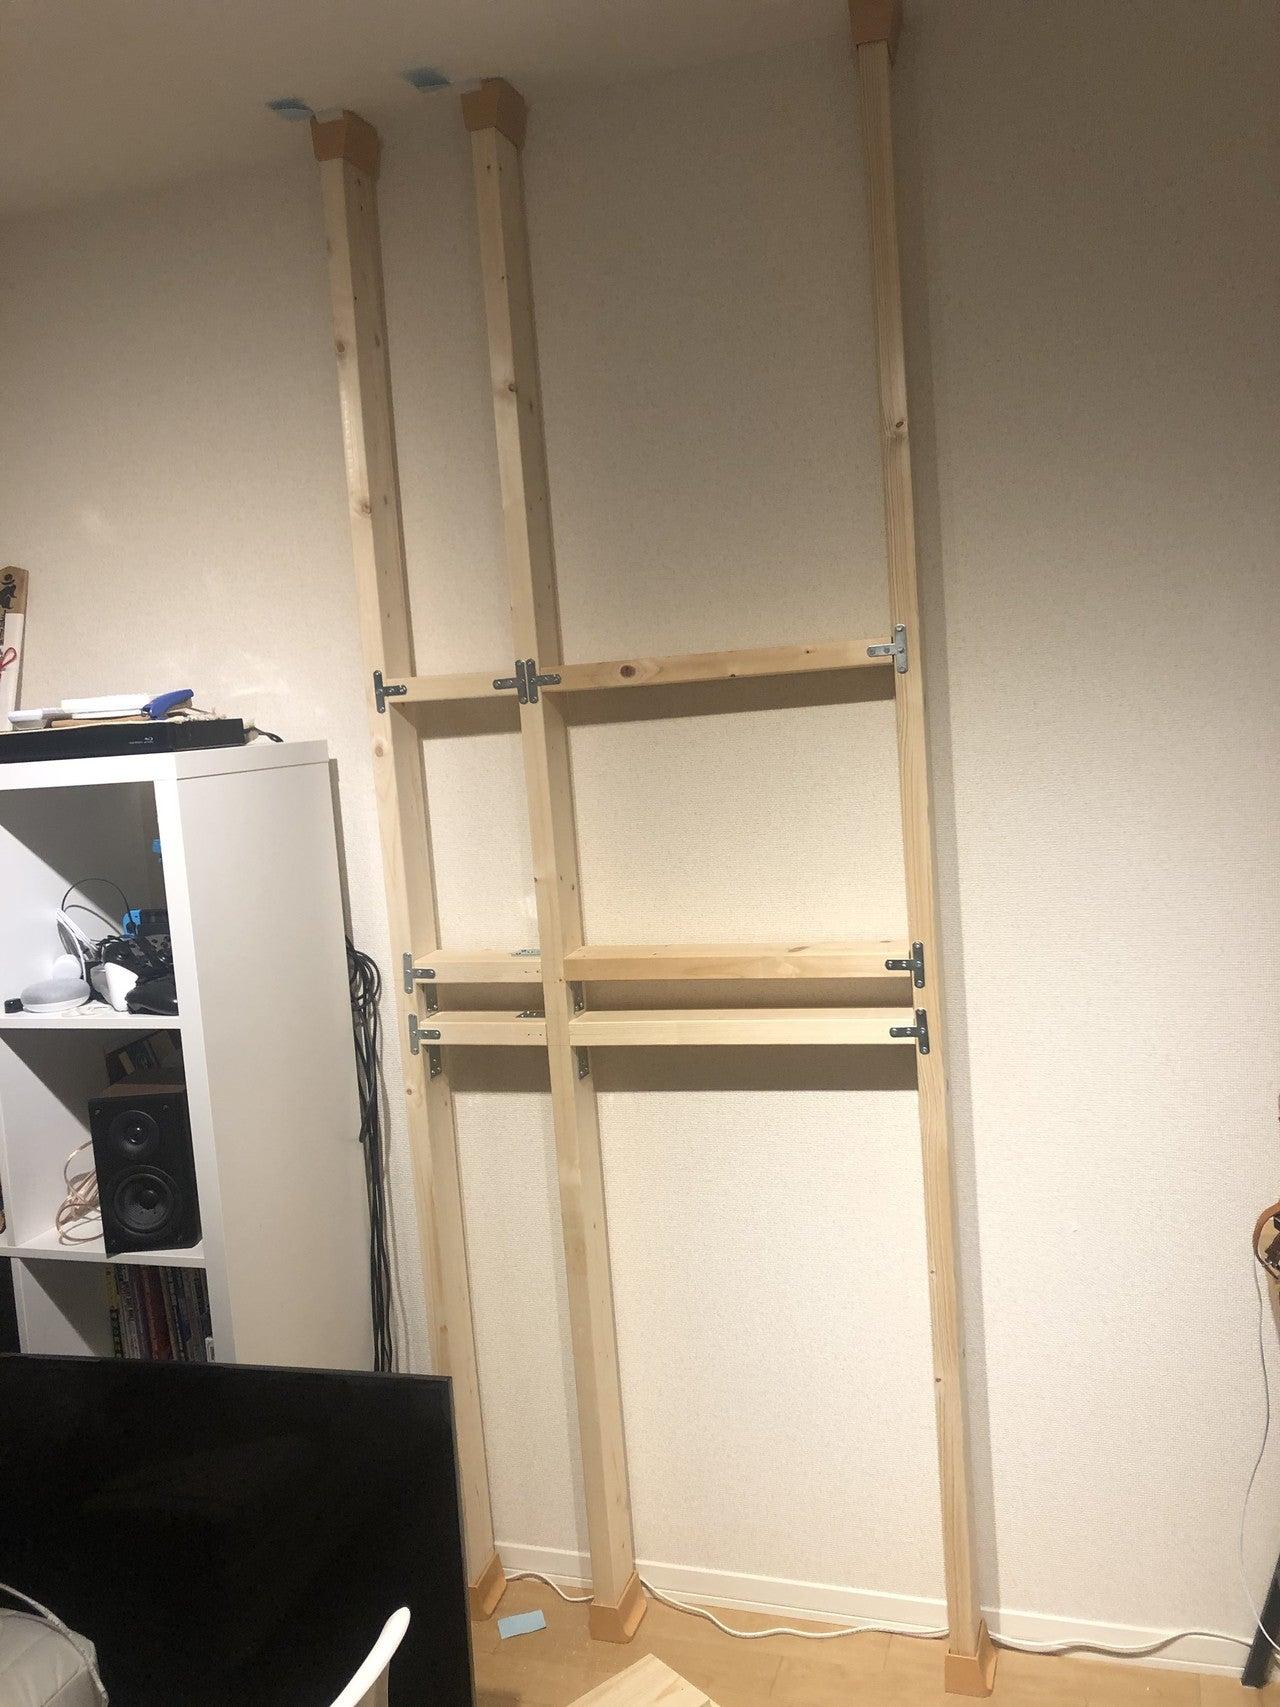 壁掛けテレビをdiyしてqolを上げる 作成編 Yusuke Note